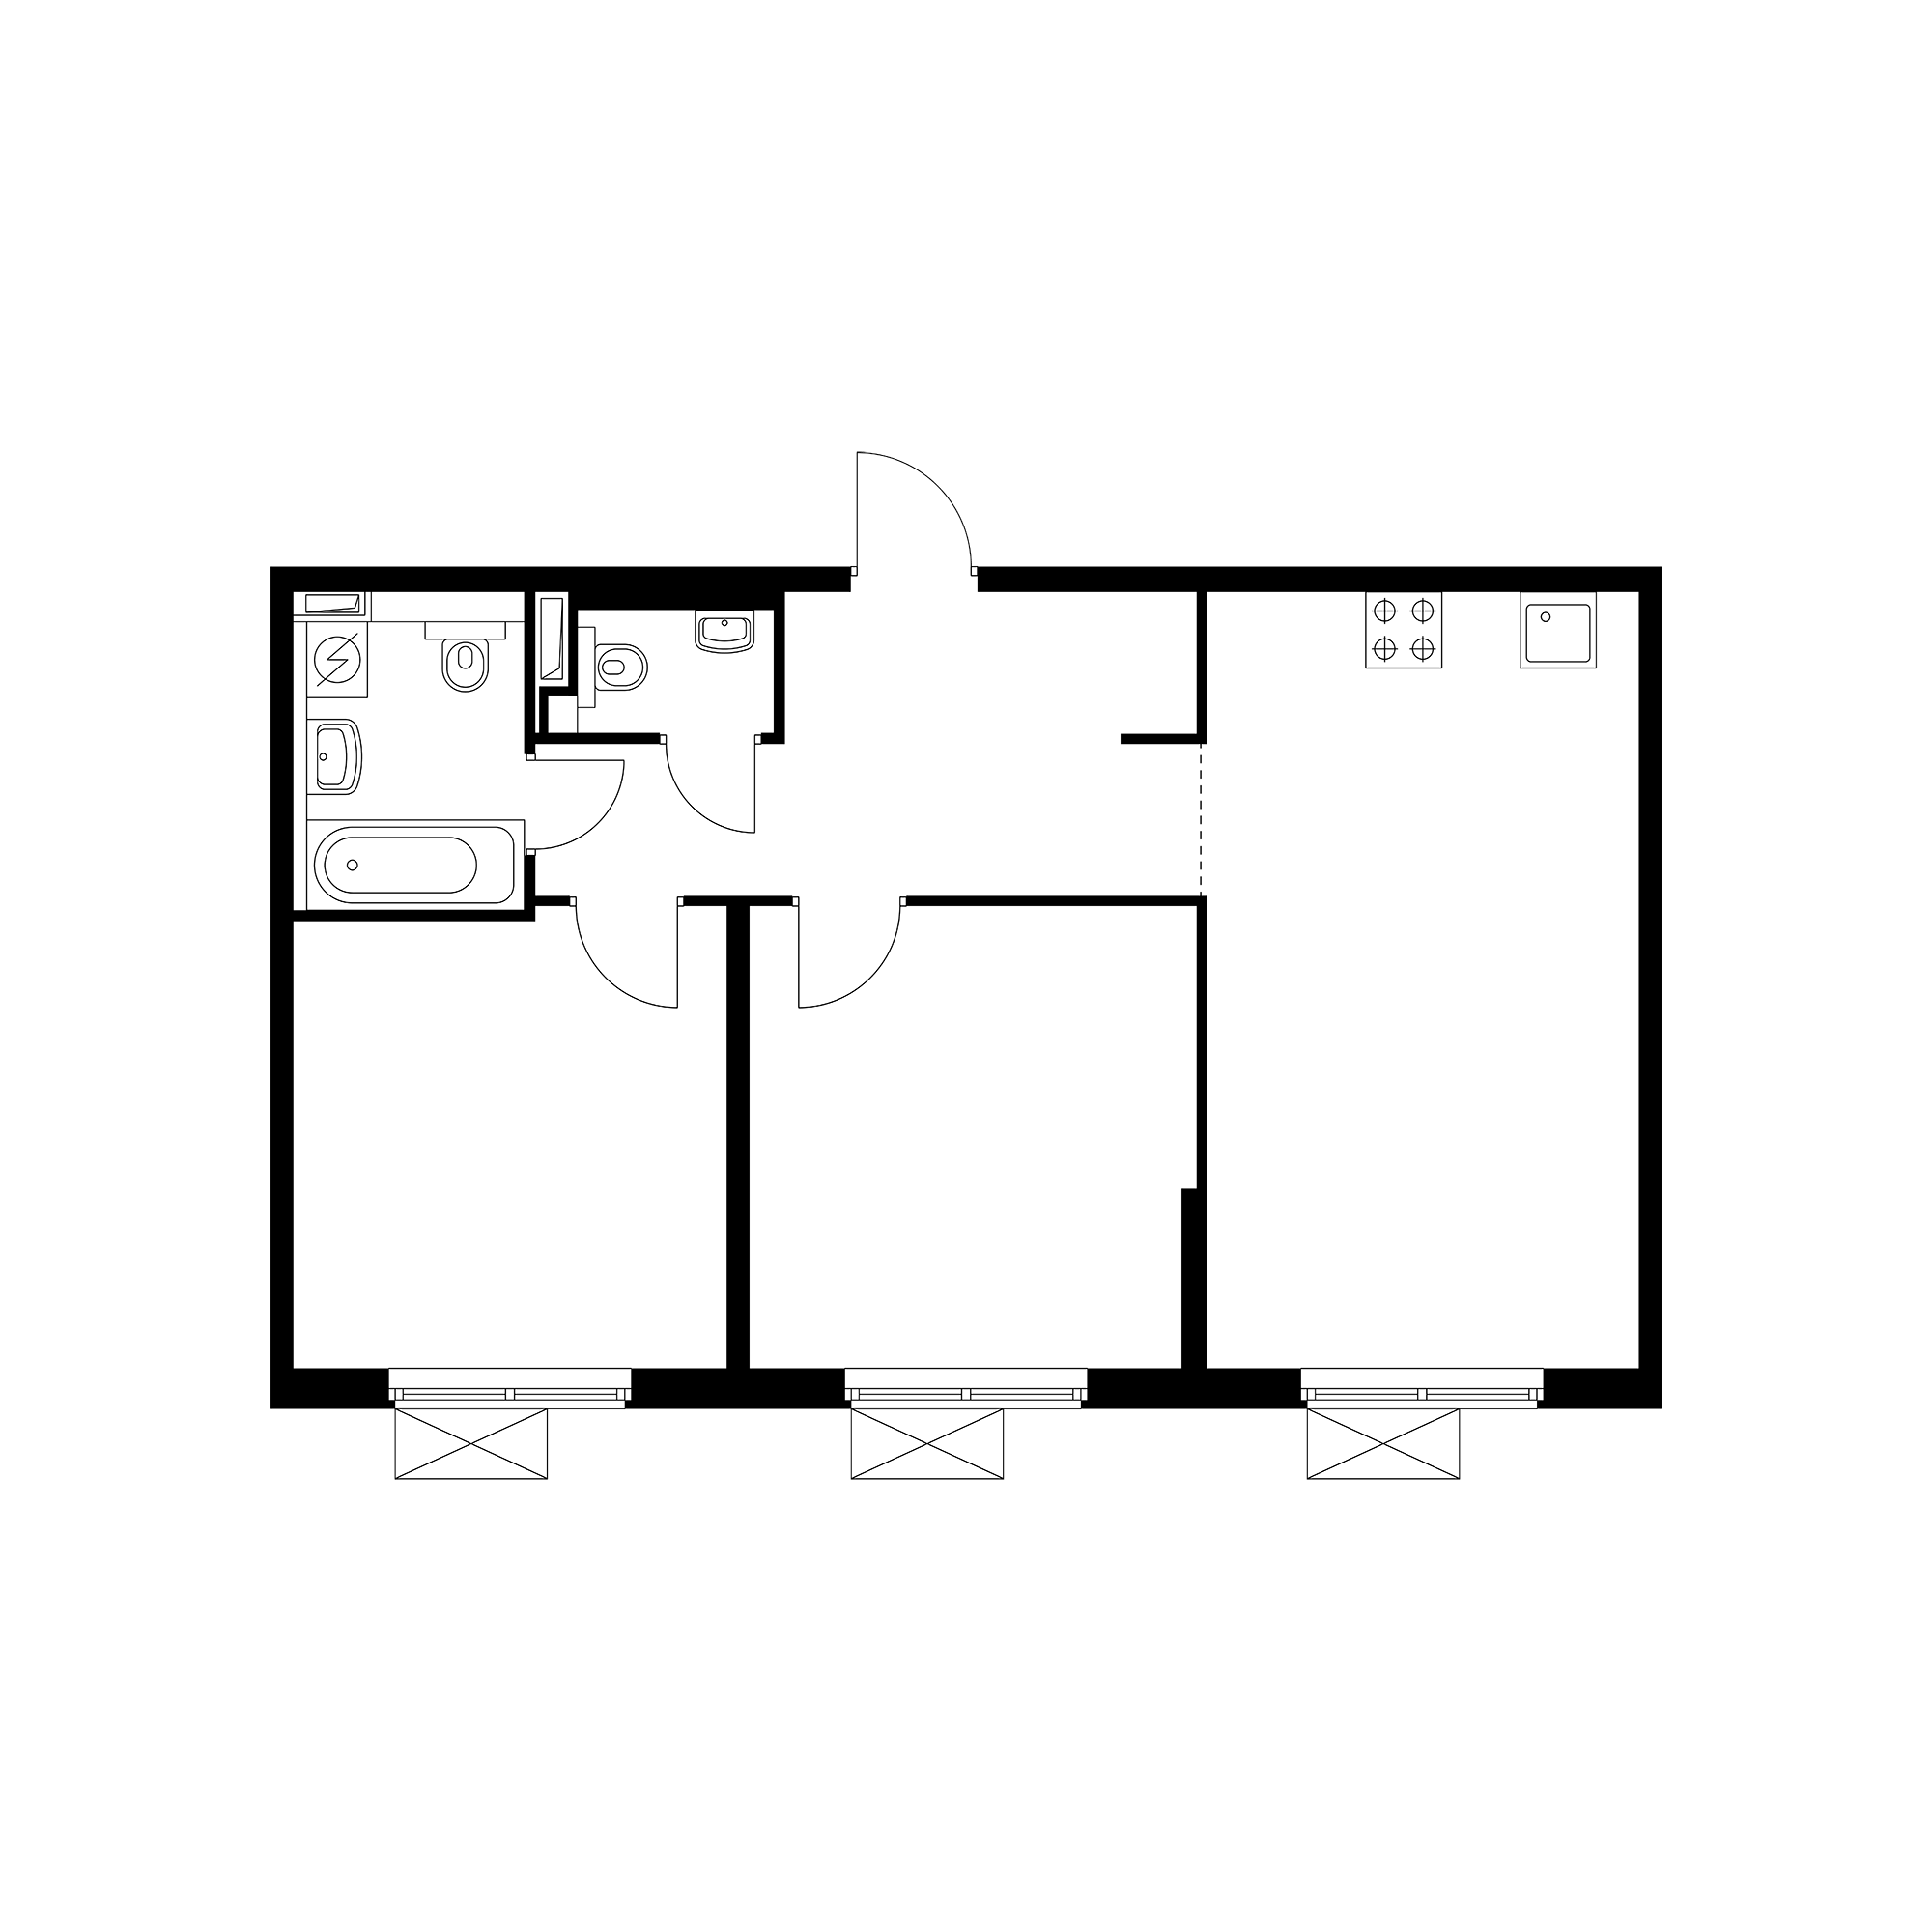 2-комнатная 61.67 м²